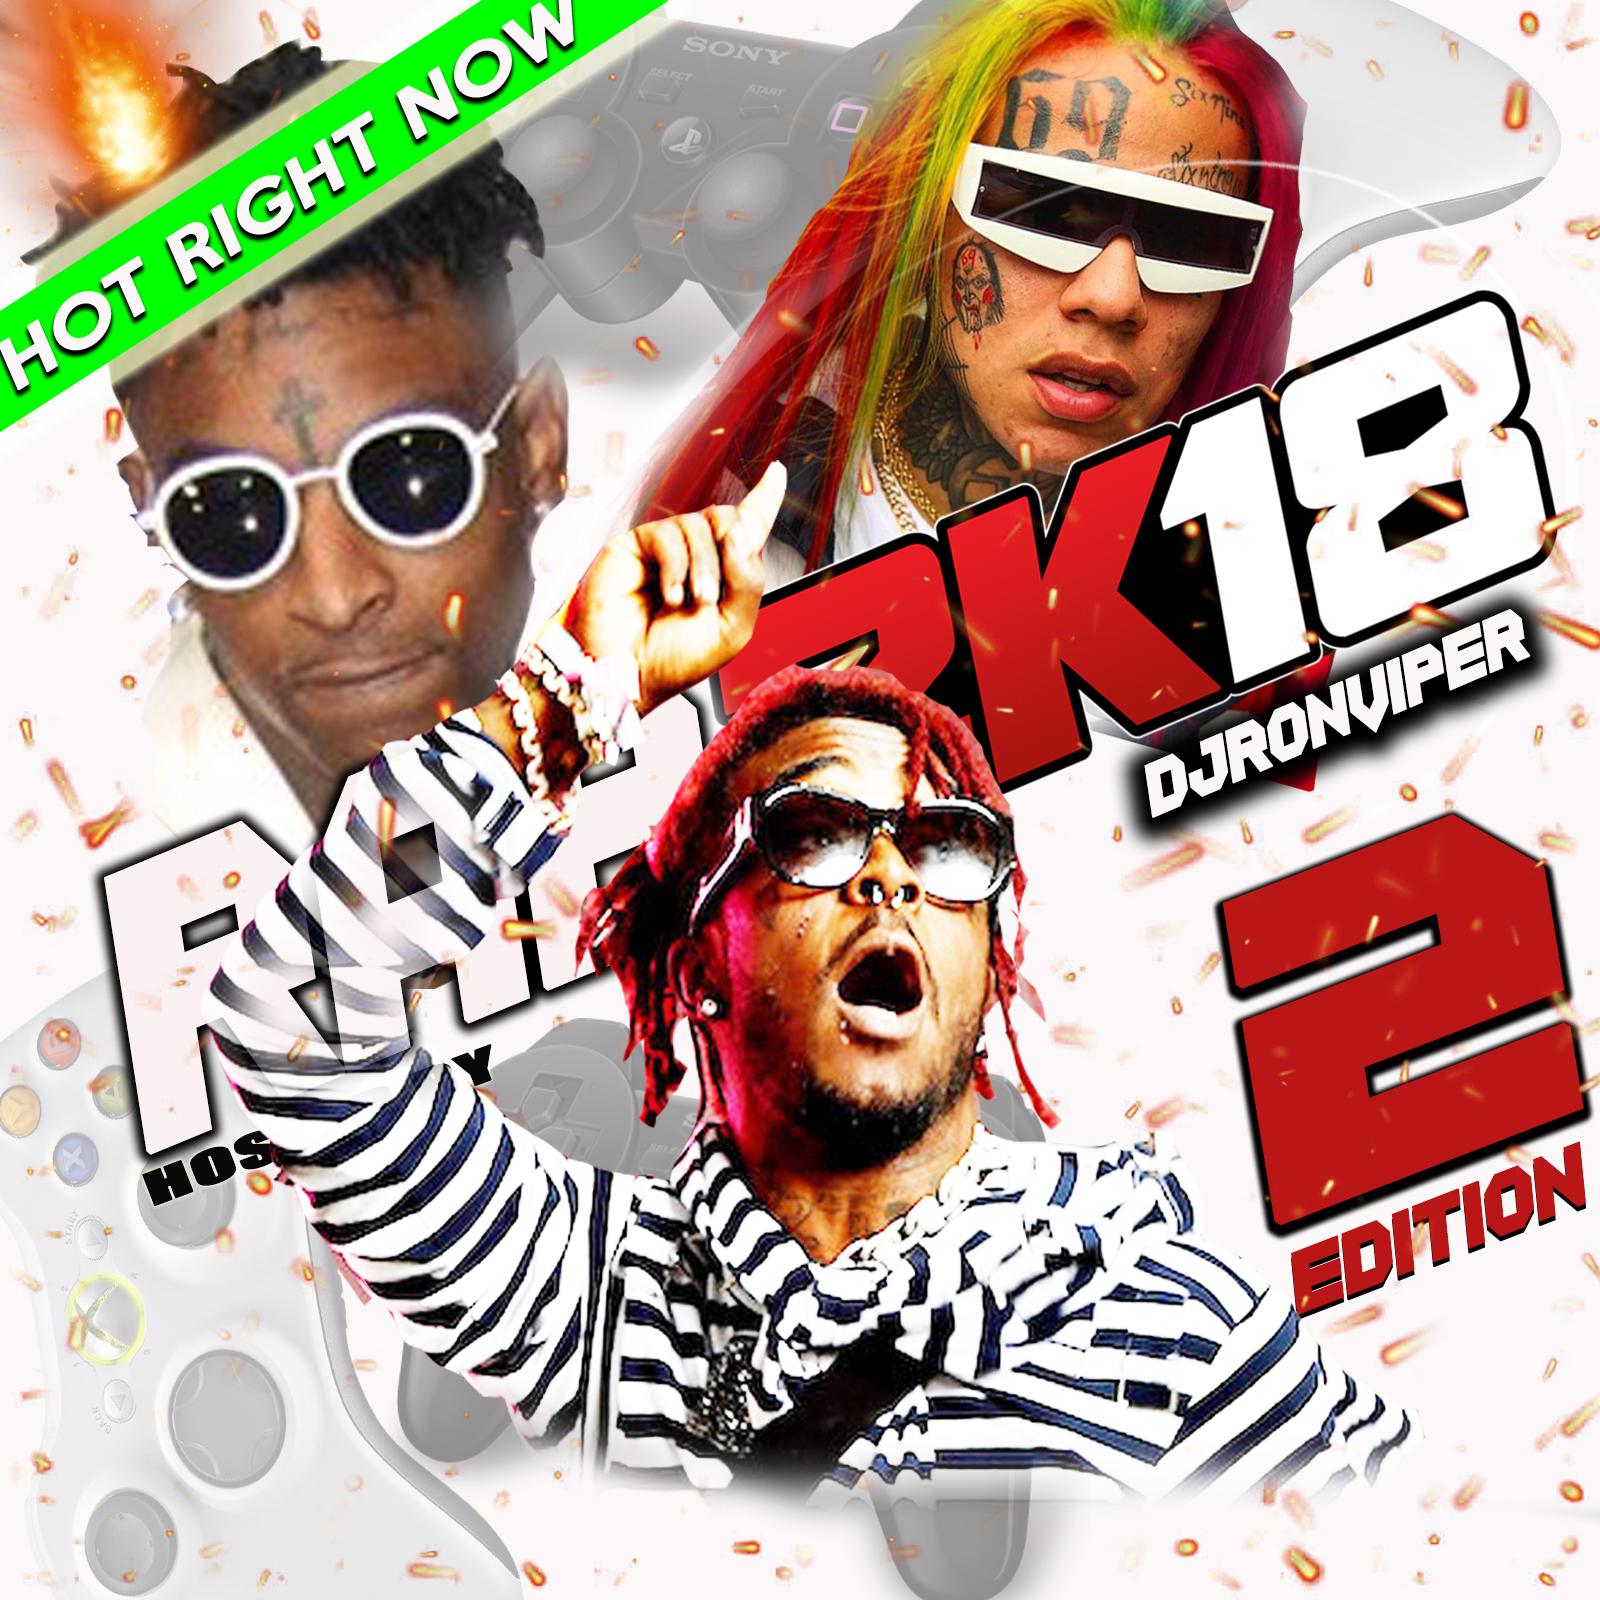 Dj Ron Viper Rap 2k18 Edition 2 Buymixtapes Com